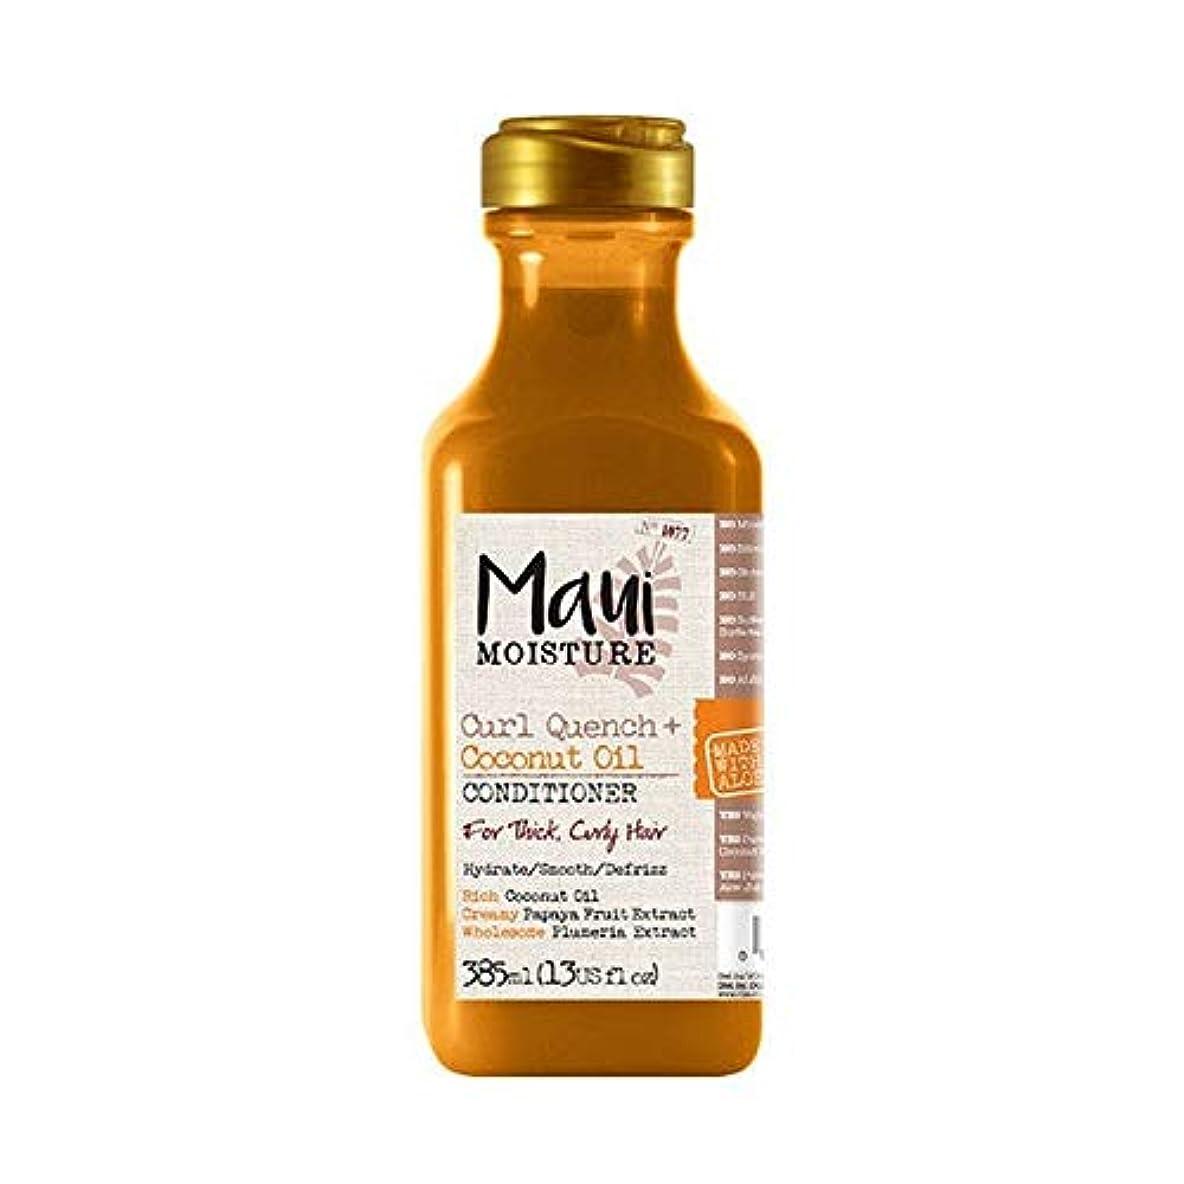 提案時計南極[Maui Moisture ] マウイ水分カールクエンチ+ココナッツオイルコンディショナー - Maui Moisture Curl Quench + Coconut Oil Conditioner [並行輸入品]